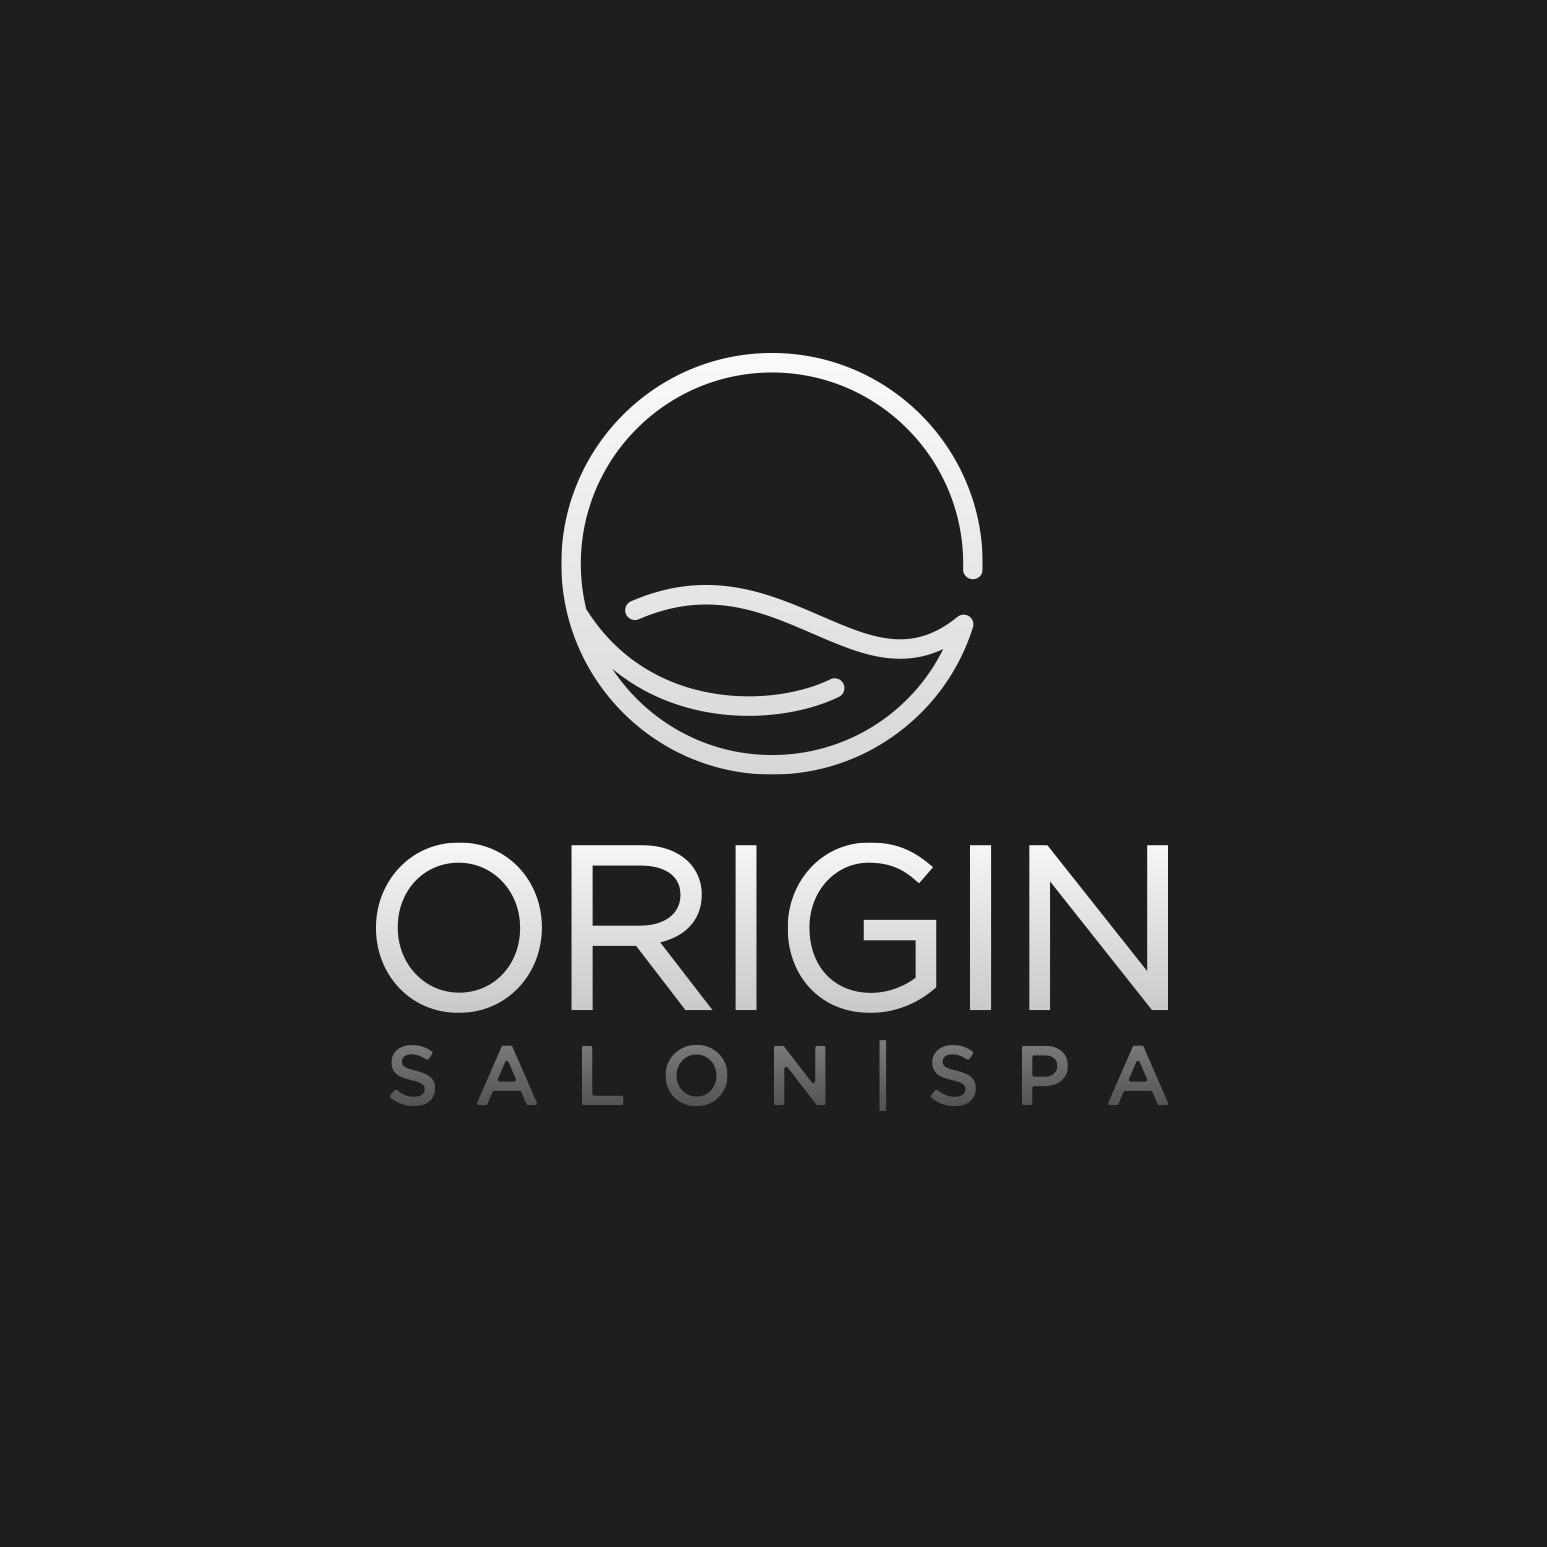 Origin Salon and Spa